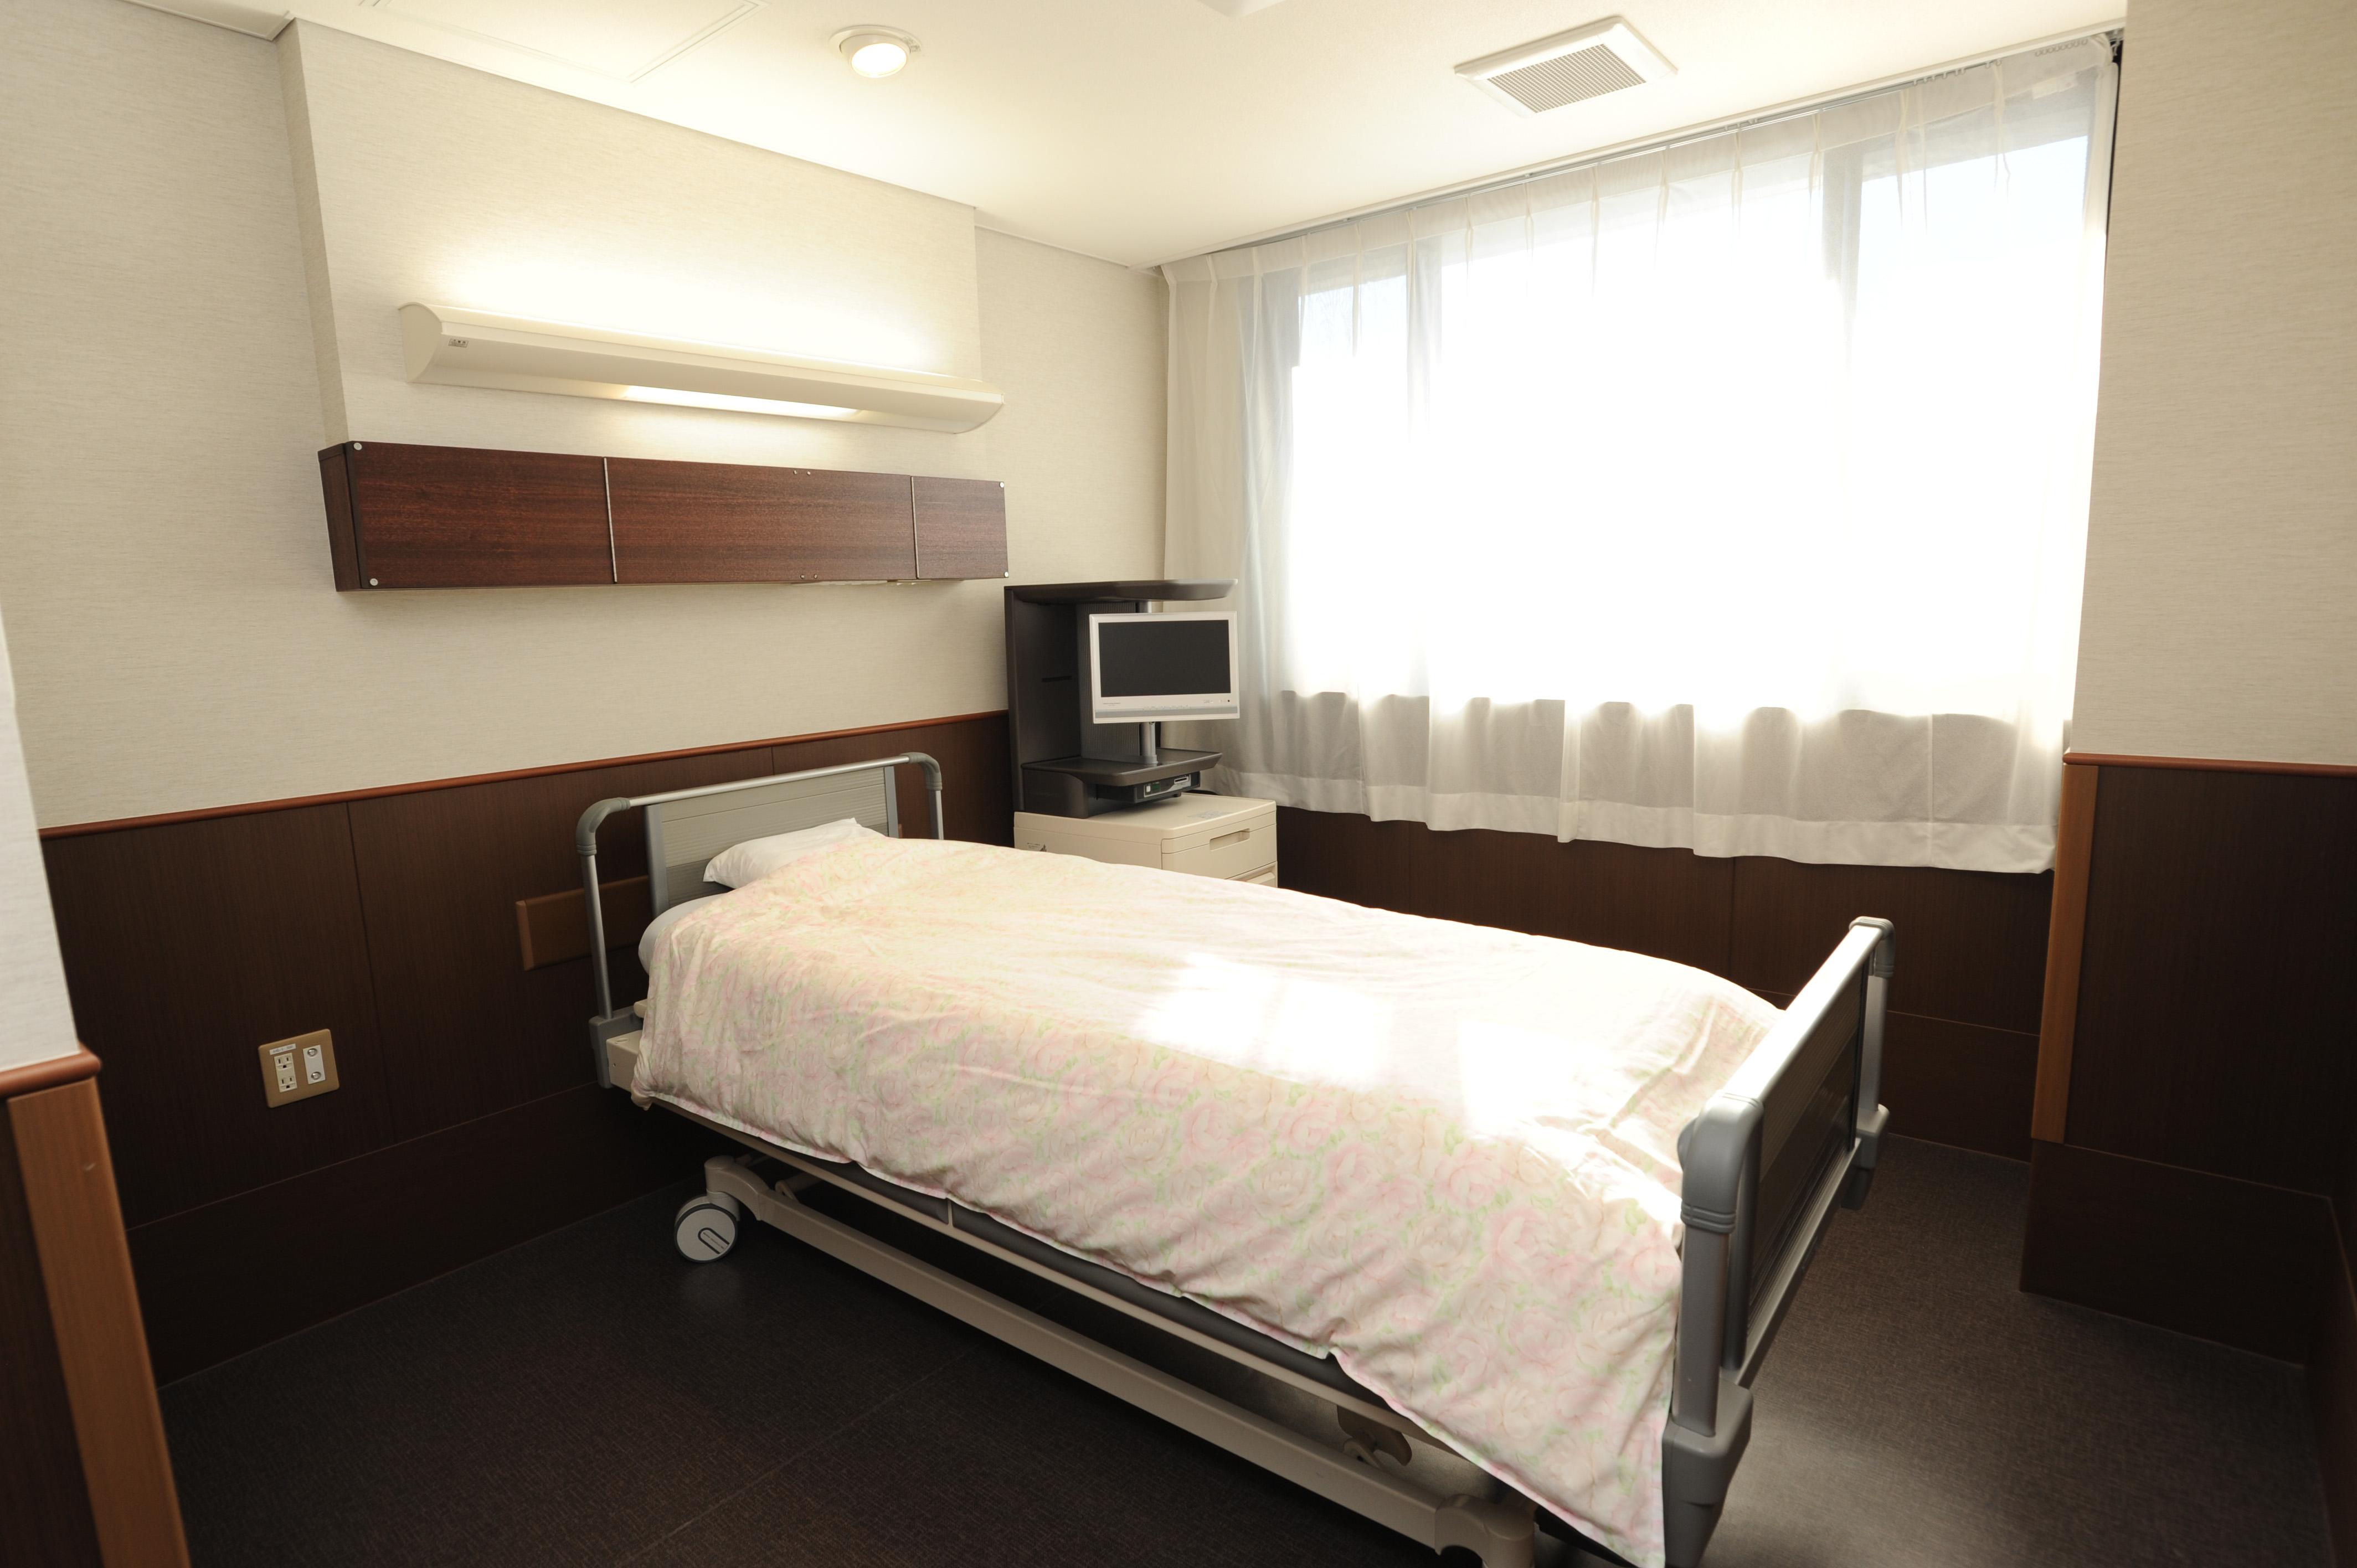 医療法人社団協友会 吉川中央総合病院・求人番号101400